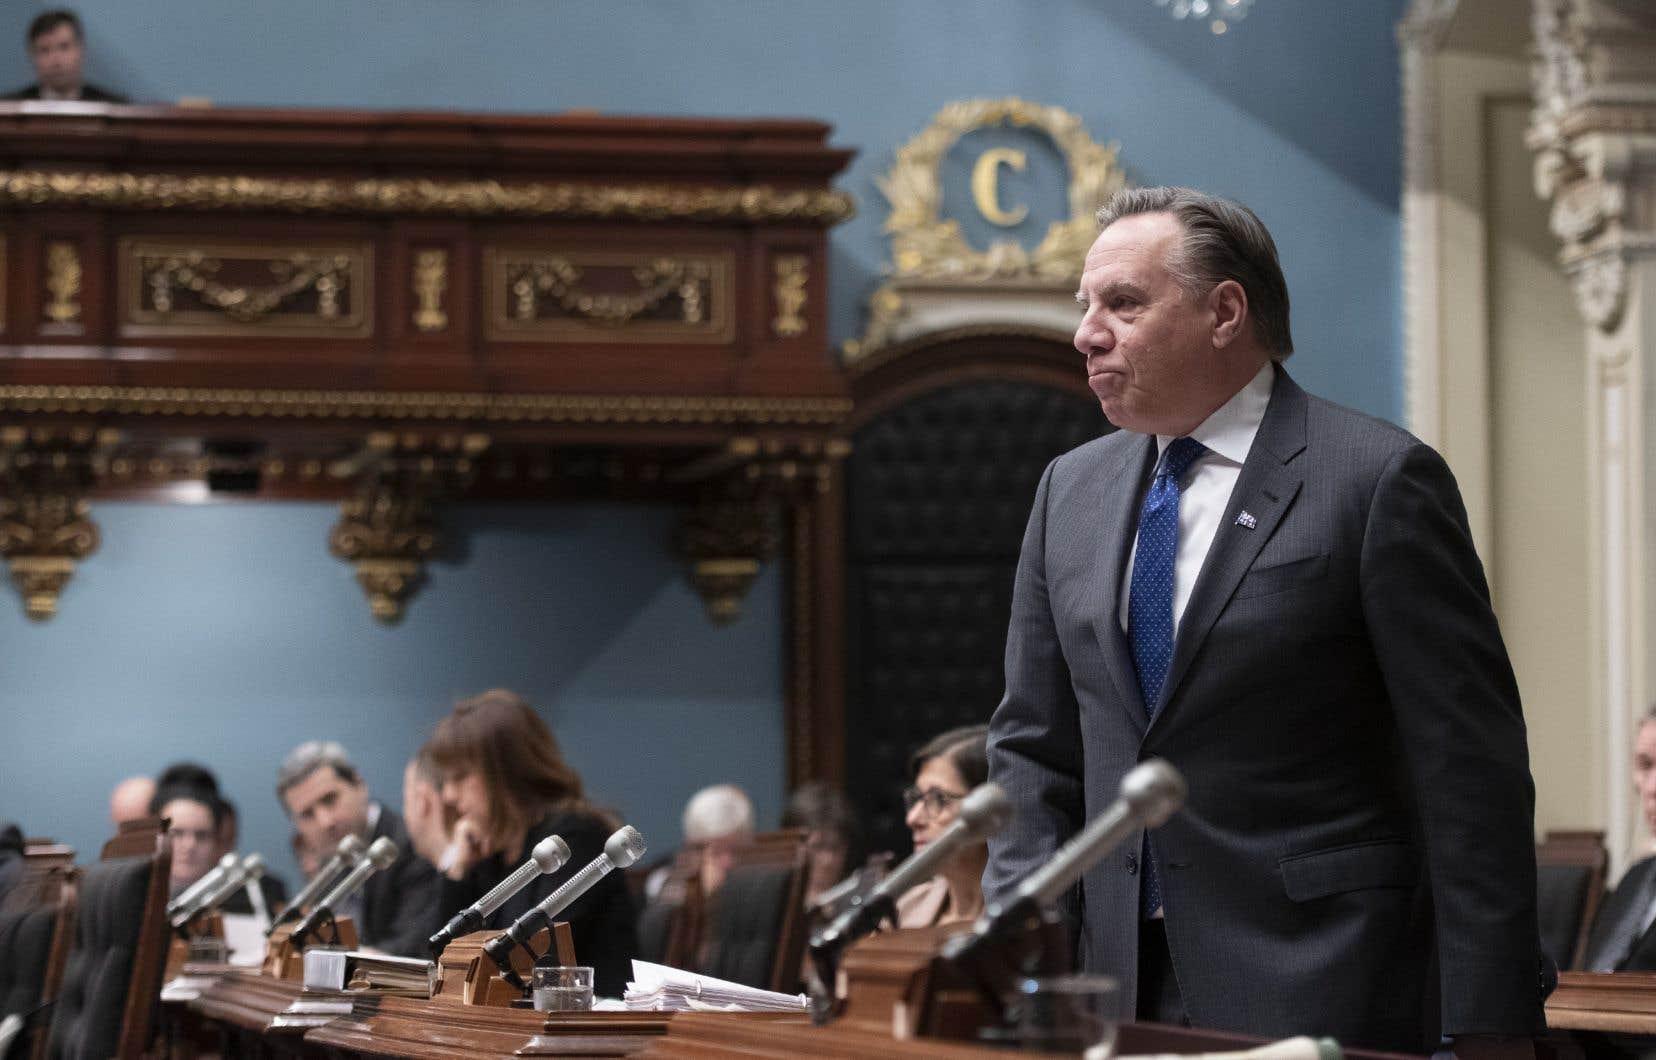 Le gouvernement de la Coalition avenir Québec a été très actif en 2019 en adoptant cinq projets de loi majeurs qui ont changé le visage du Québec.